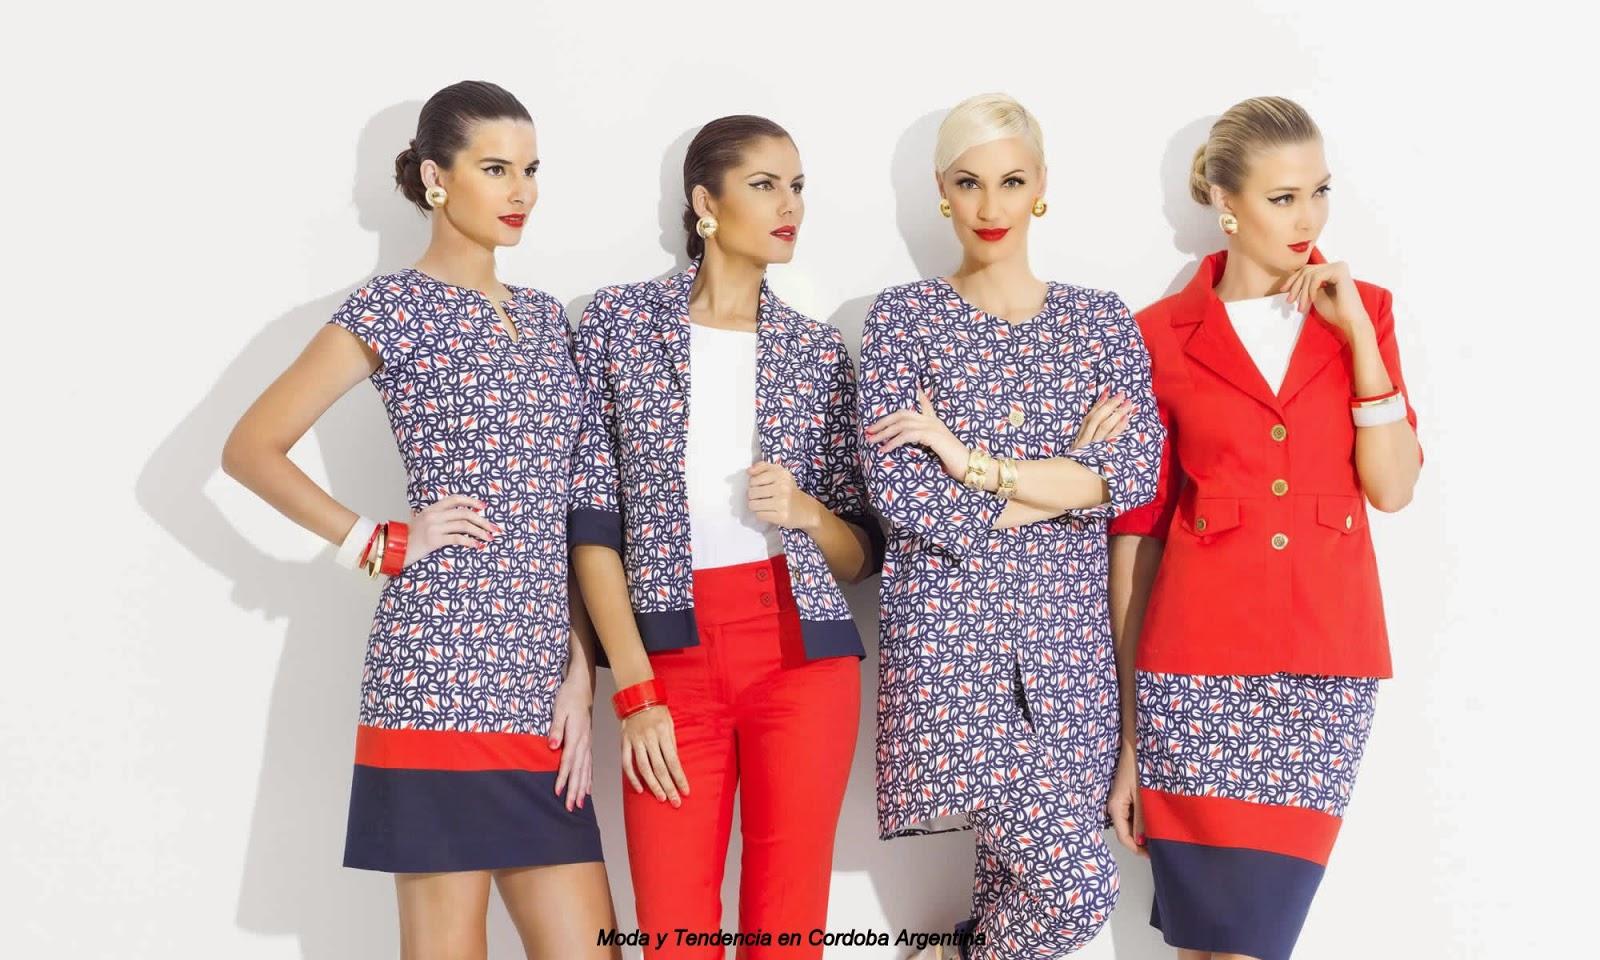 moda y tendencia argentina